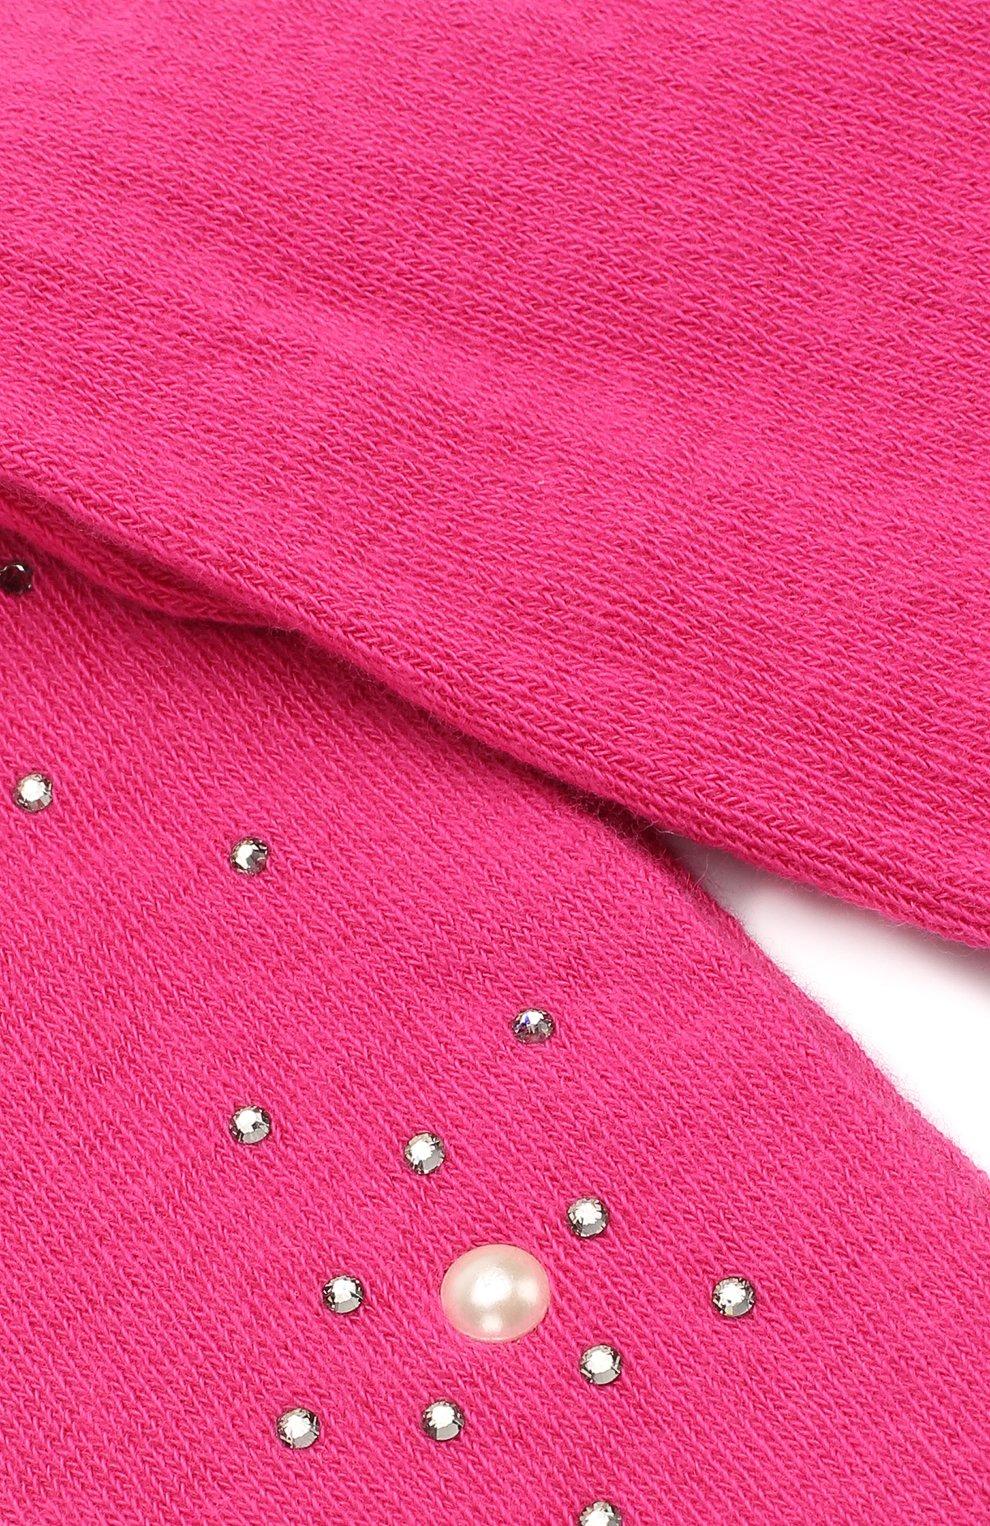 Детские колготки из хлопка с жемчужинами LA PERLA розового цвета, арт. 47718/000-0 | Фото 3 (Материал: Текстиль, Хлопок; Статус проверки: Проверено)